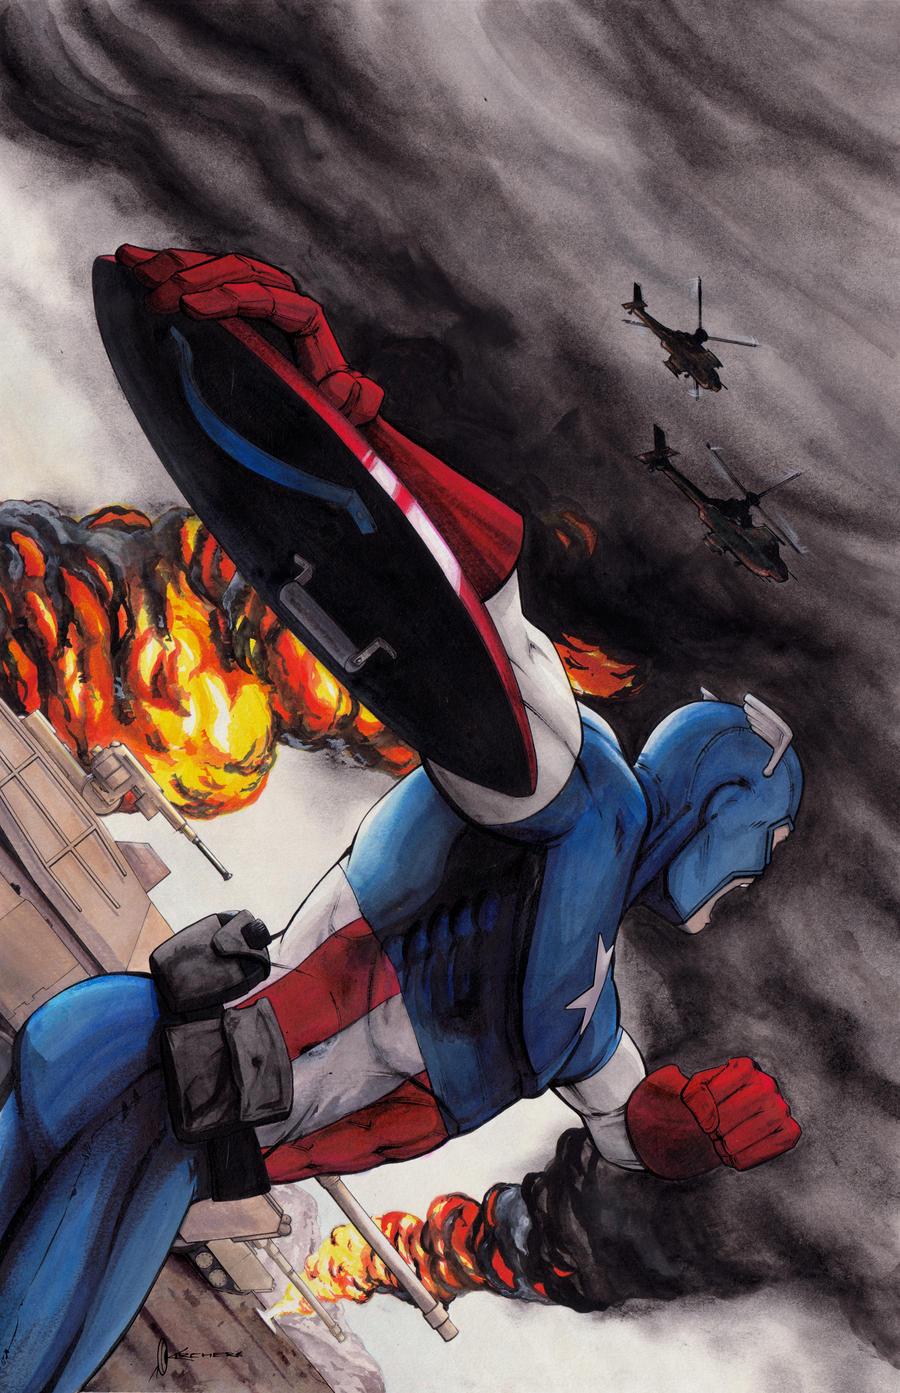 http://fc04.deviantart.net/fs70/i/2011/213/c/1/captain_america_cover_sample_by_kentarcher-d42drui.jpg